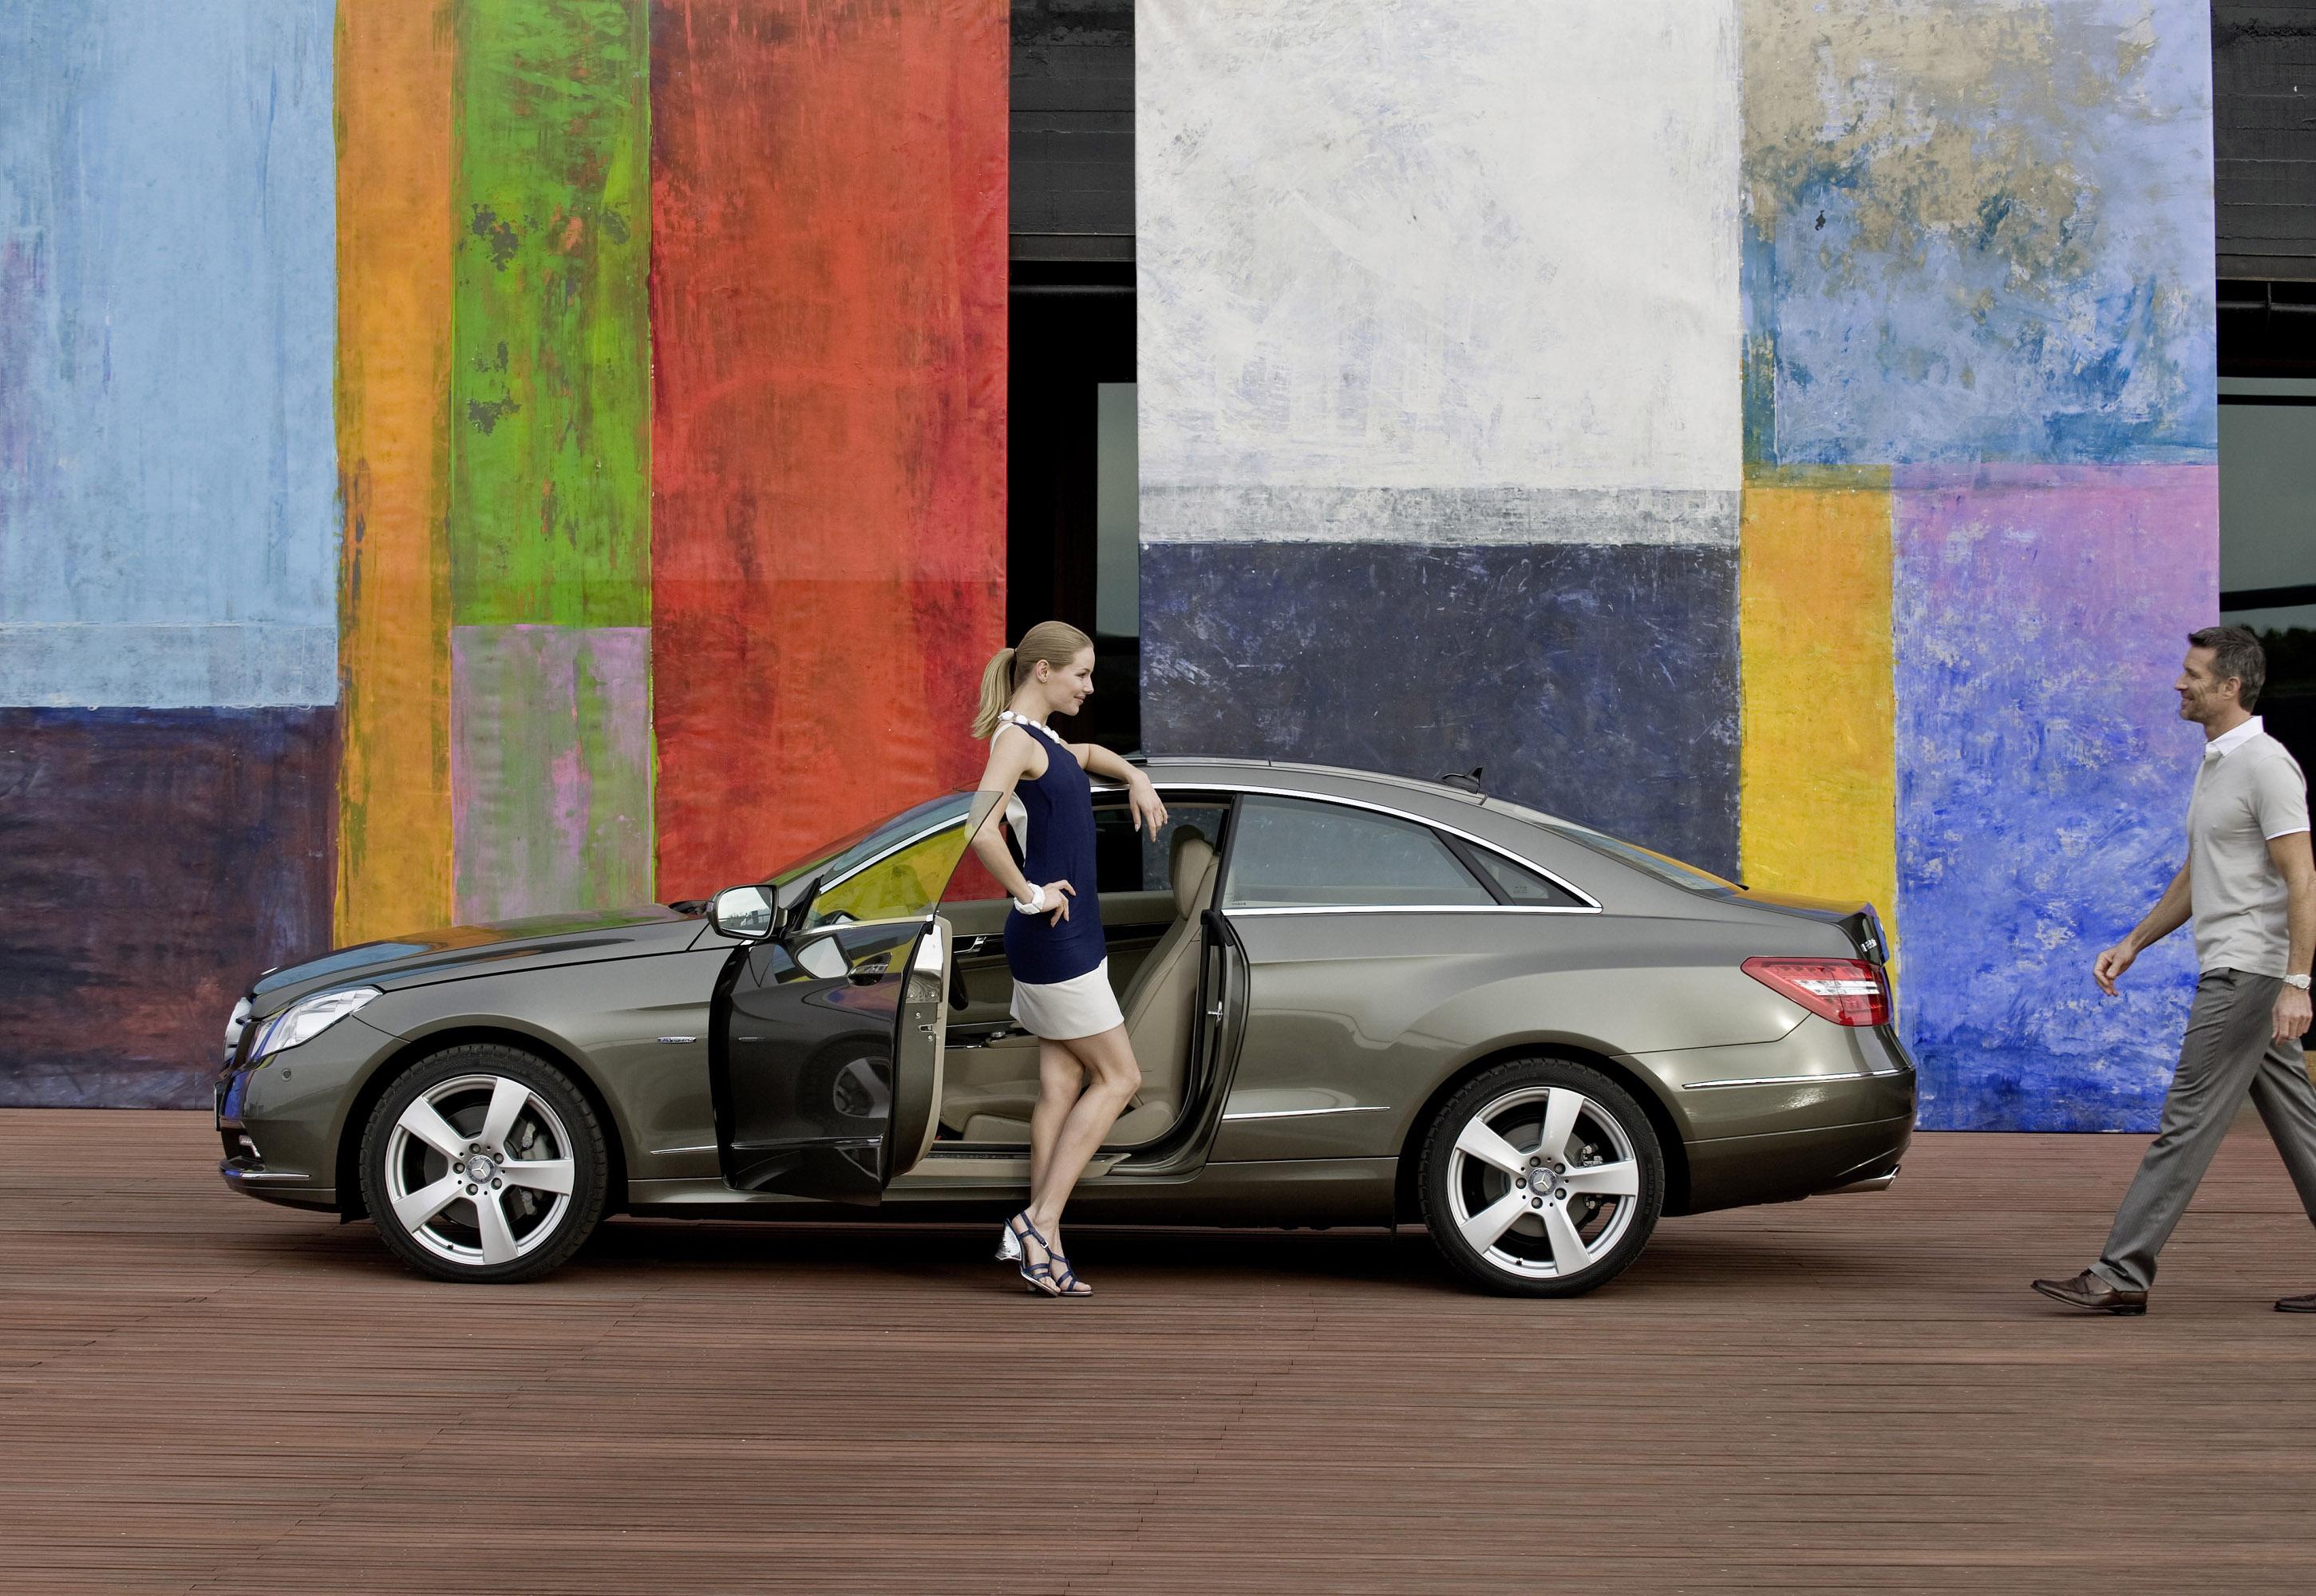 Mercedes-Benz E-350 CDI Coupe [фотографии автомобиля] - фотография №6